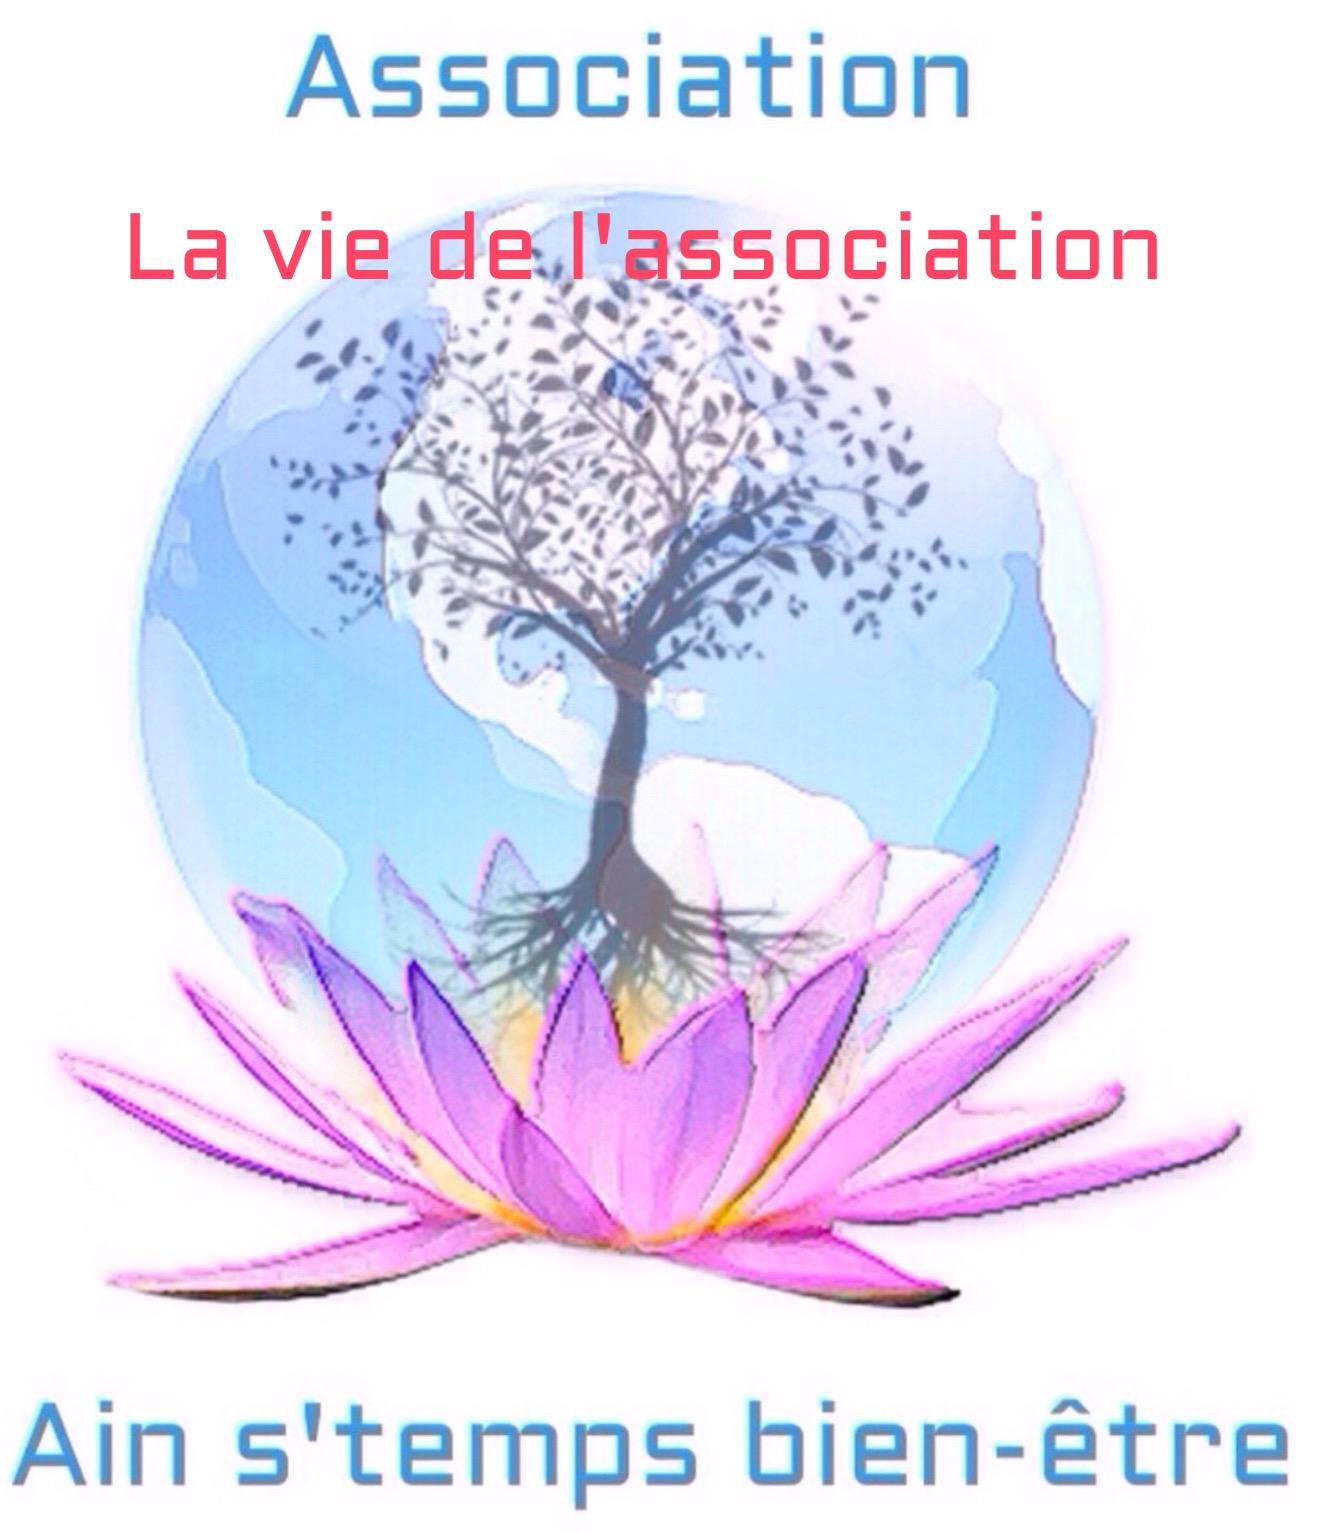 La vie de l'association